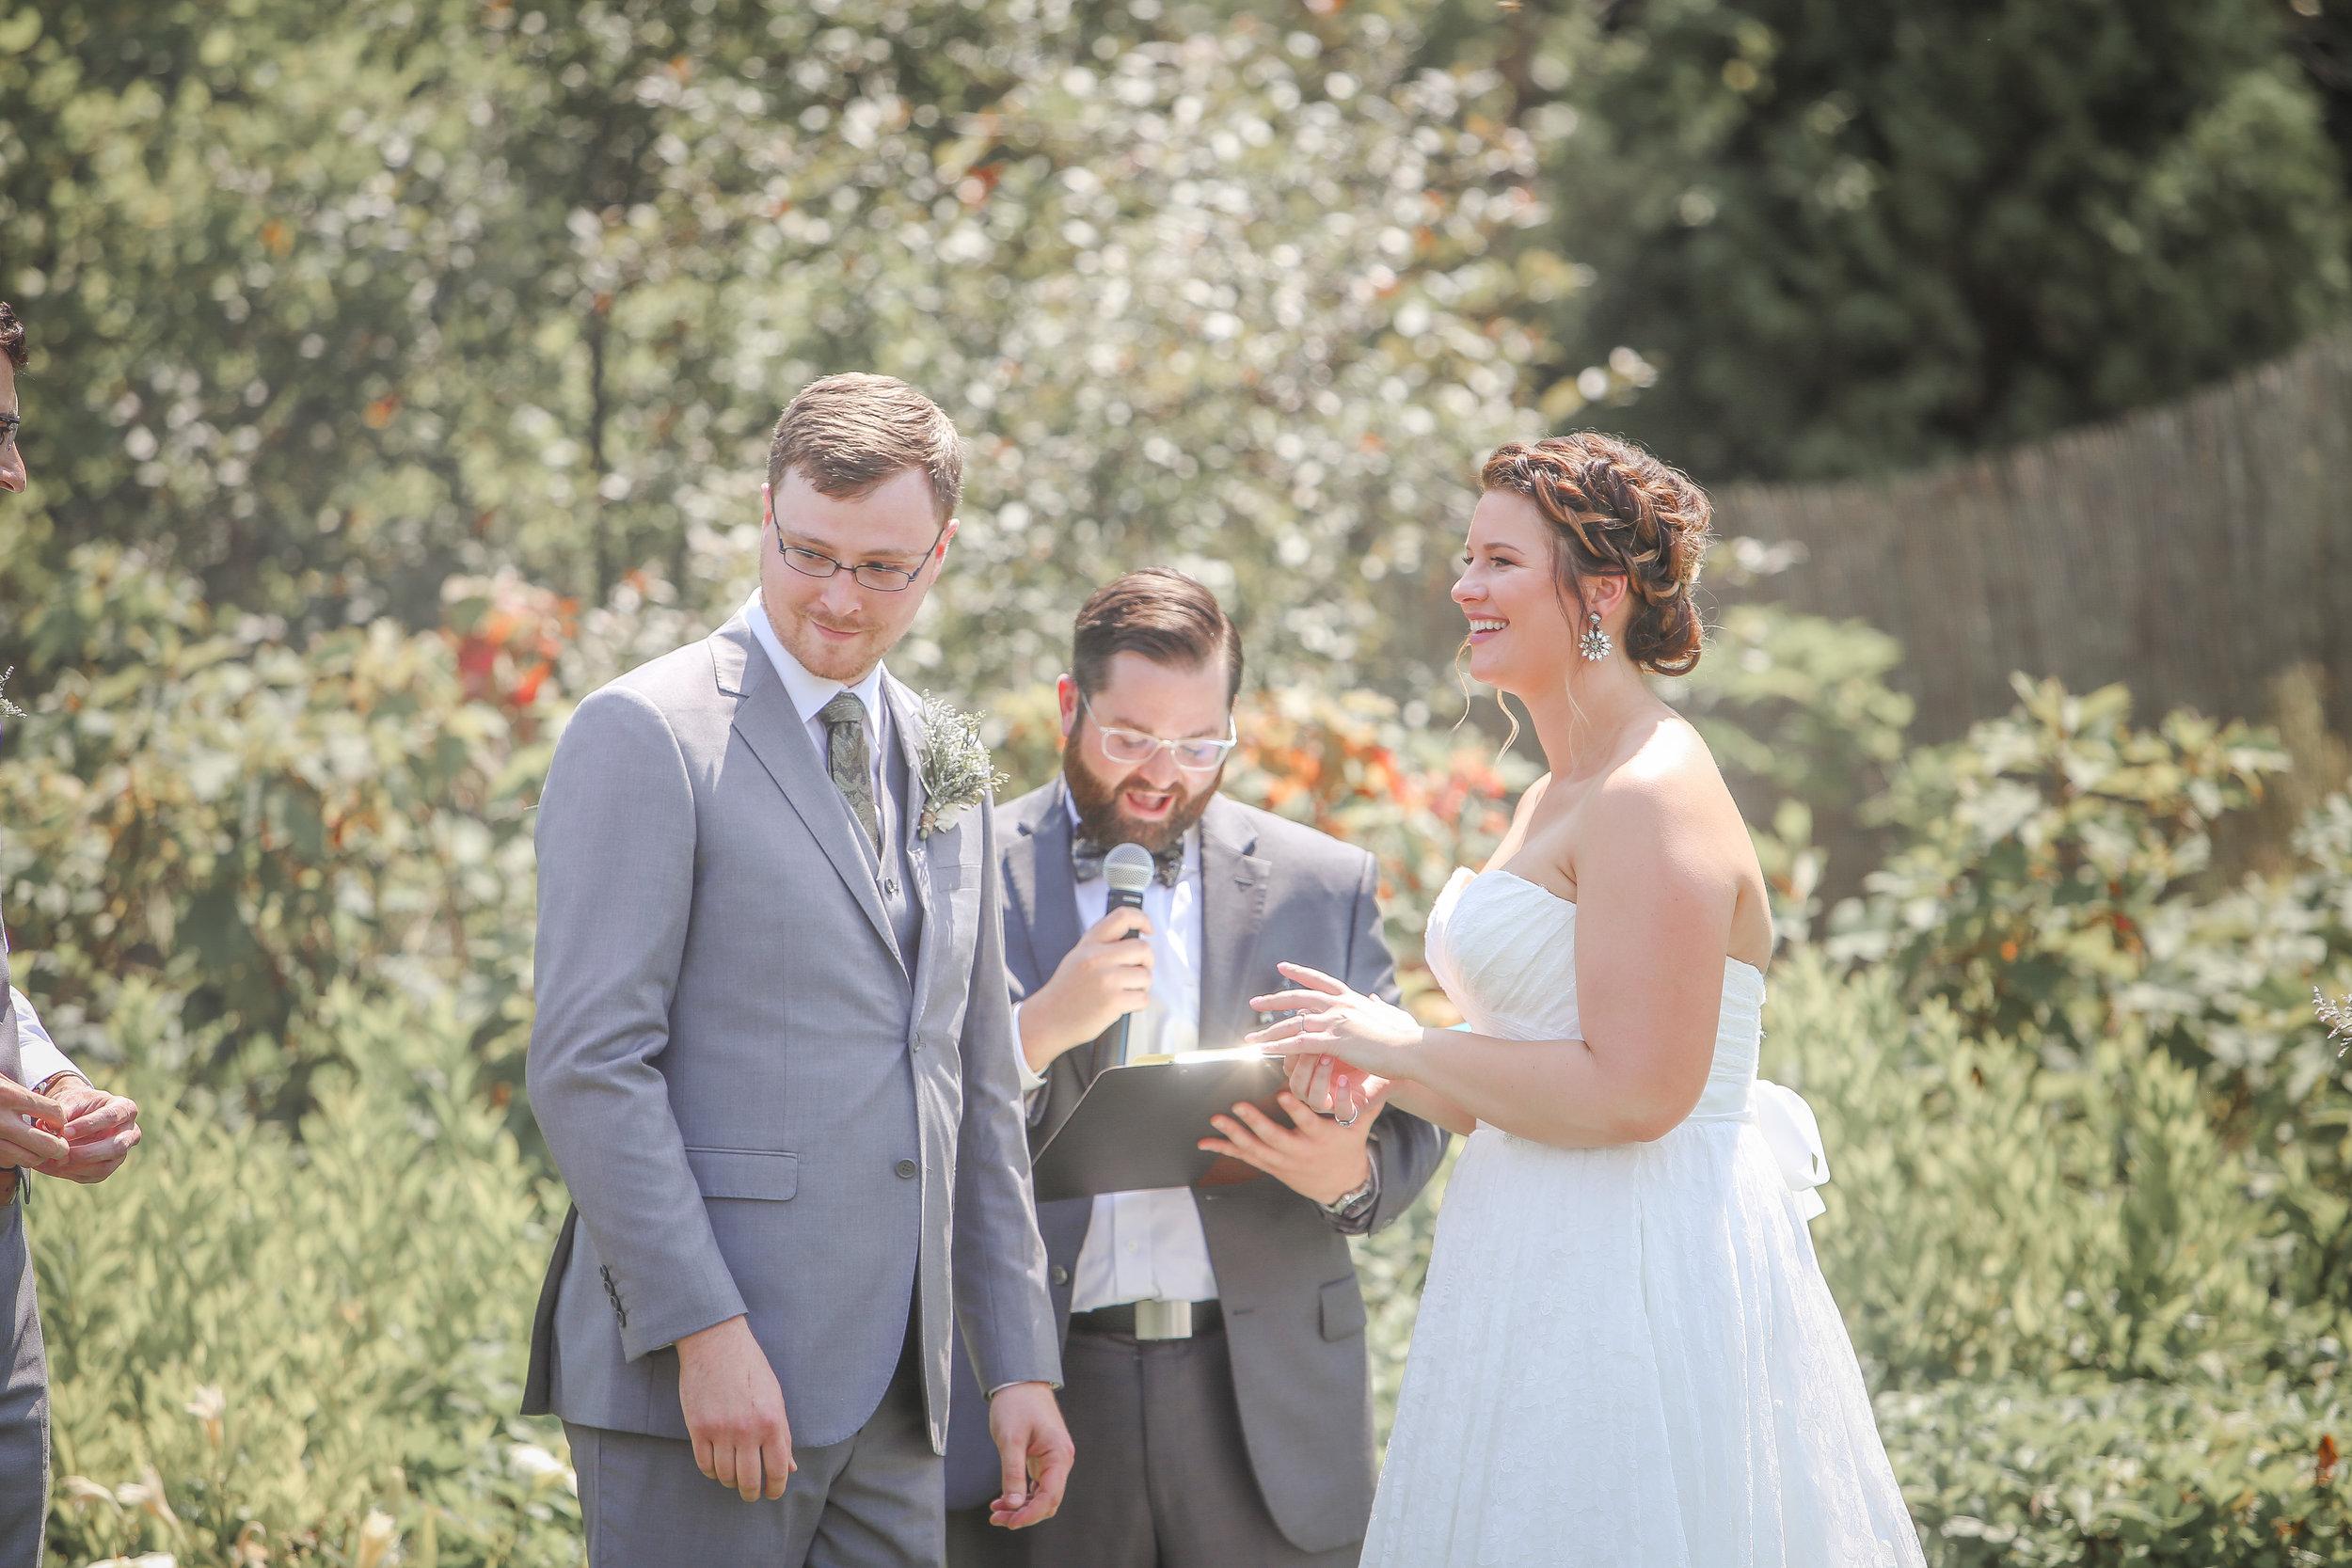 C_Wedding_Sarver, Alyssa & Scott_FOR BLOG-81.JPG